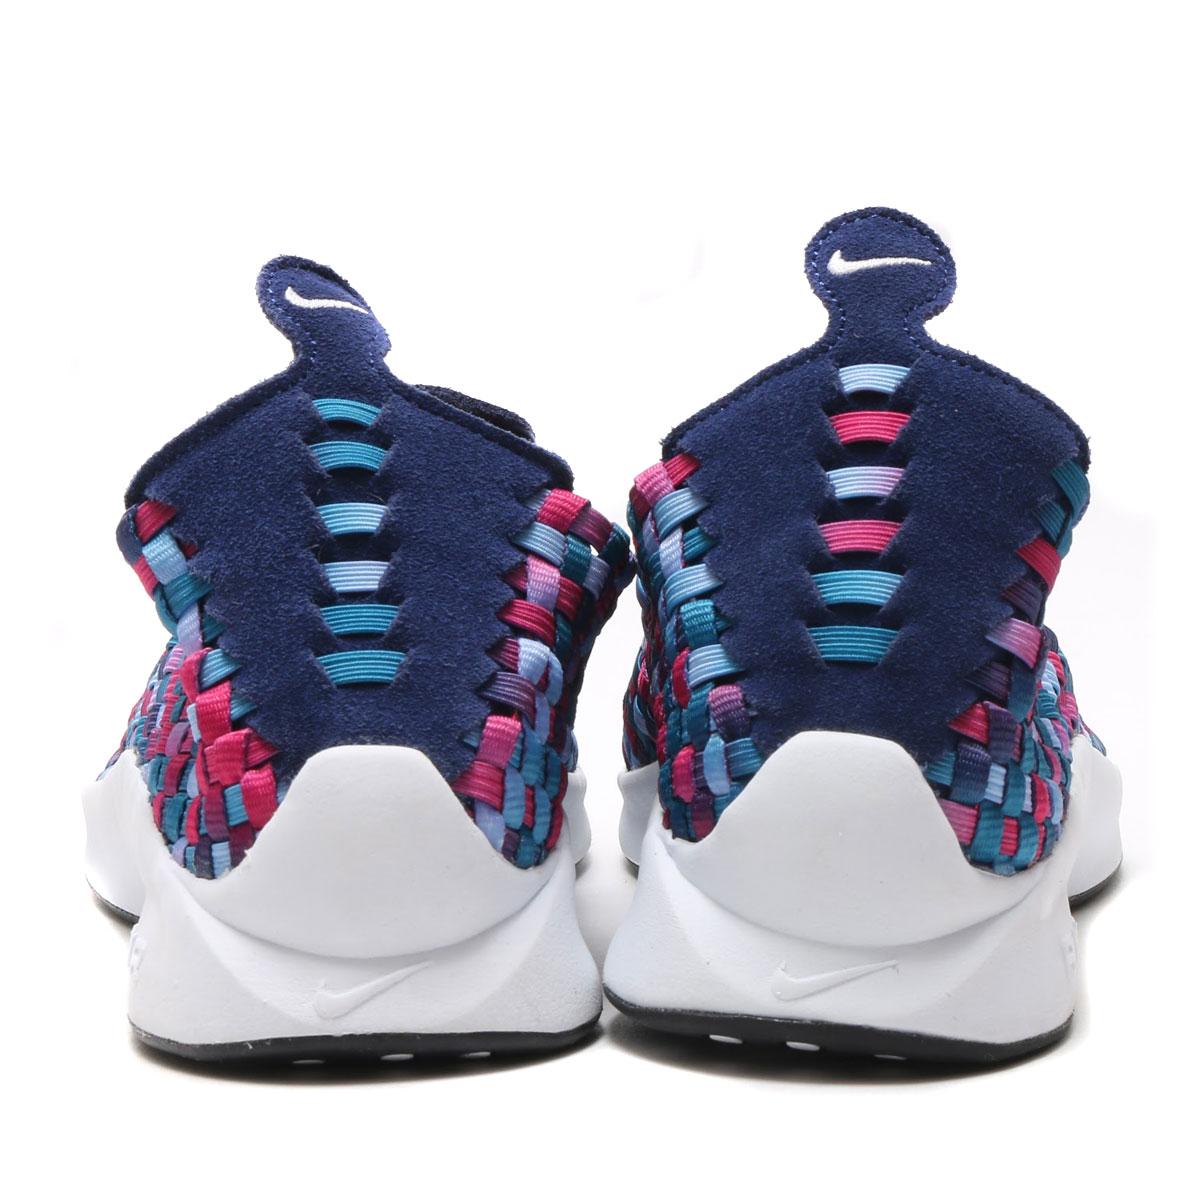 NIKE AIR WOVEN PRM (grr premium Nike air) (BINARY BLUE/WHITE-GREEN ABYSS) 17SU-S